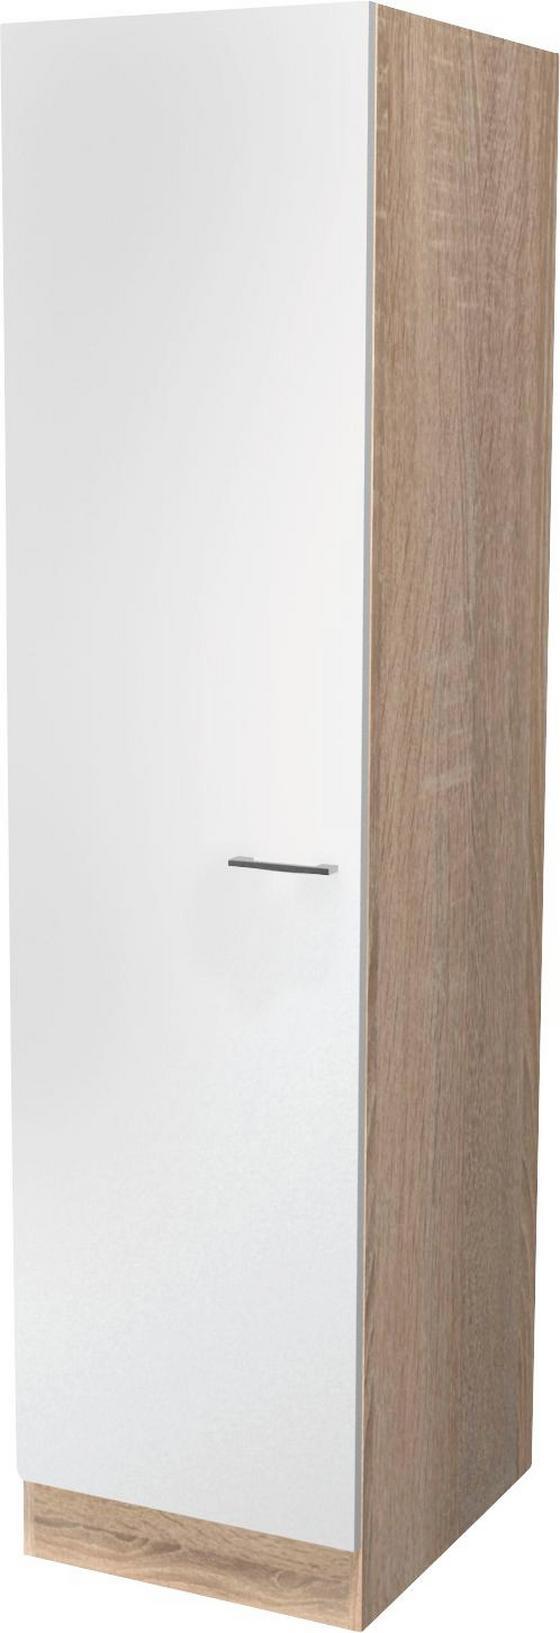 Skříňka Na Nádobí Samoa  Ge50 - bílá/barvy dubu, Konvenční, dřevěný materiál (50/200/57cm)